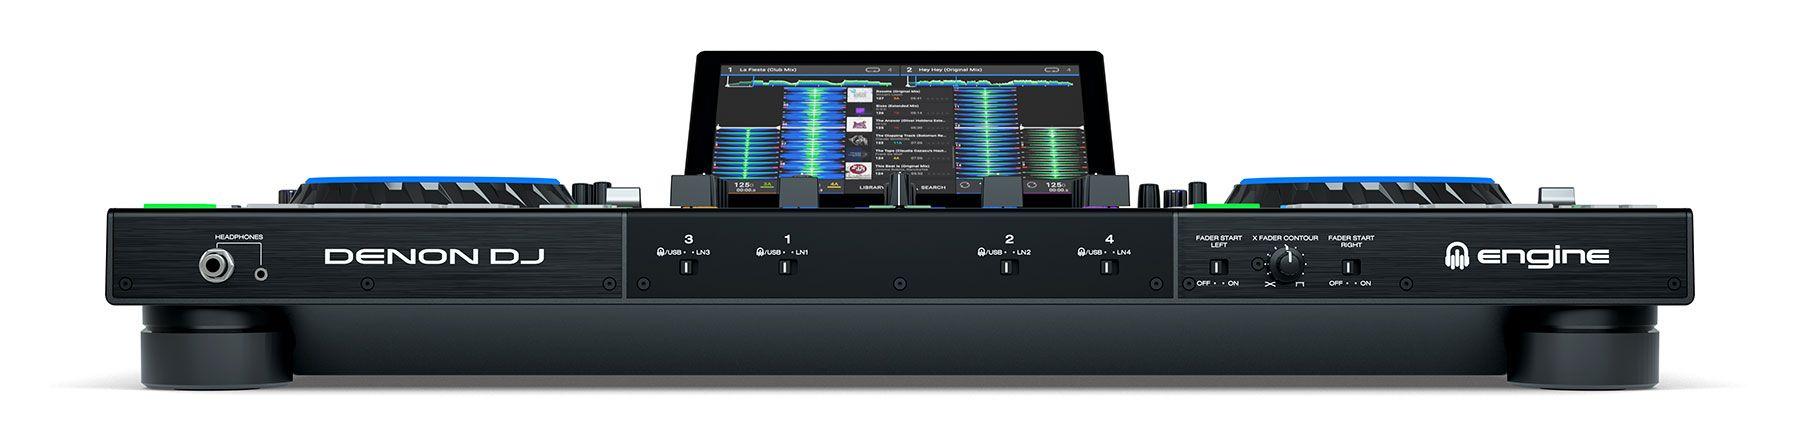 DENON DJ PRIME 4 CONSOLE CONTROLLER STANDALONE PER DJ 4 DECK CON TOUCH SCREEN 10 4x USB + SD CARD 2